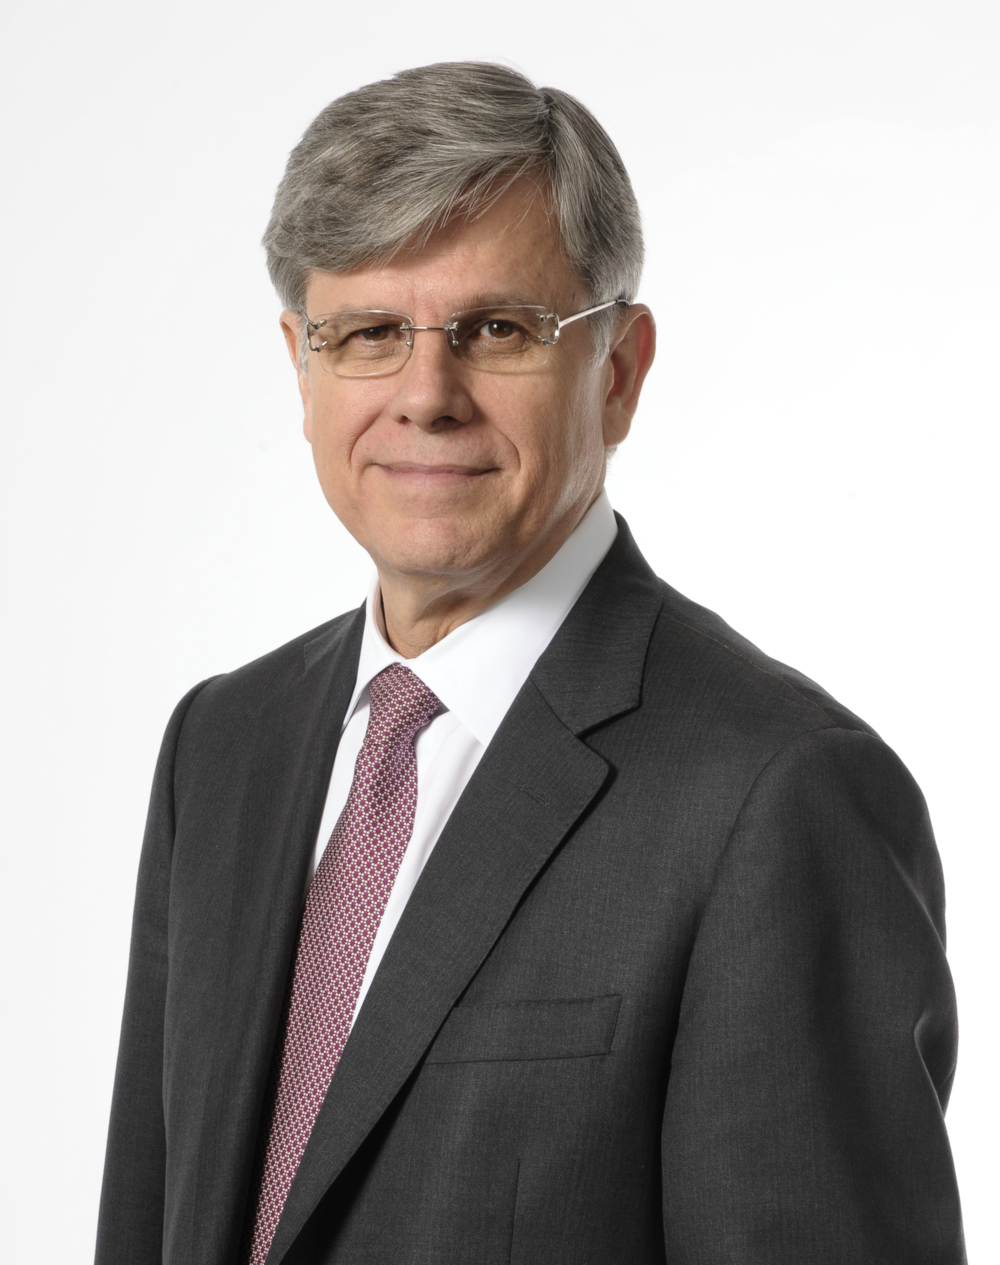 Fernando Gonzalez-CEO, CEMEX